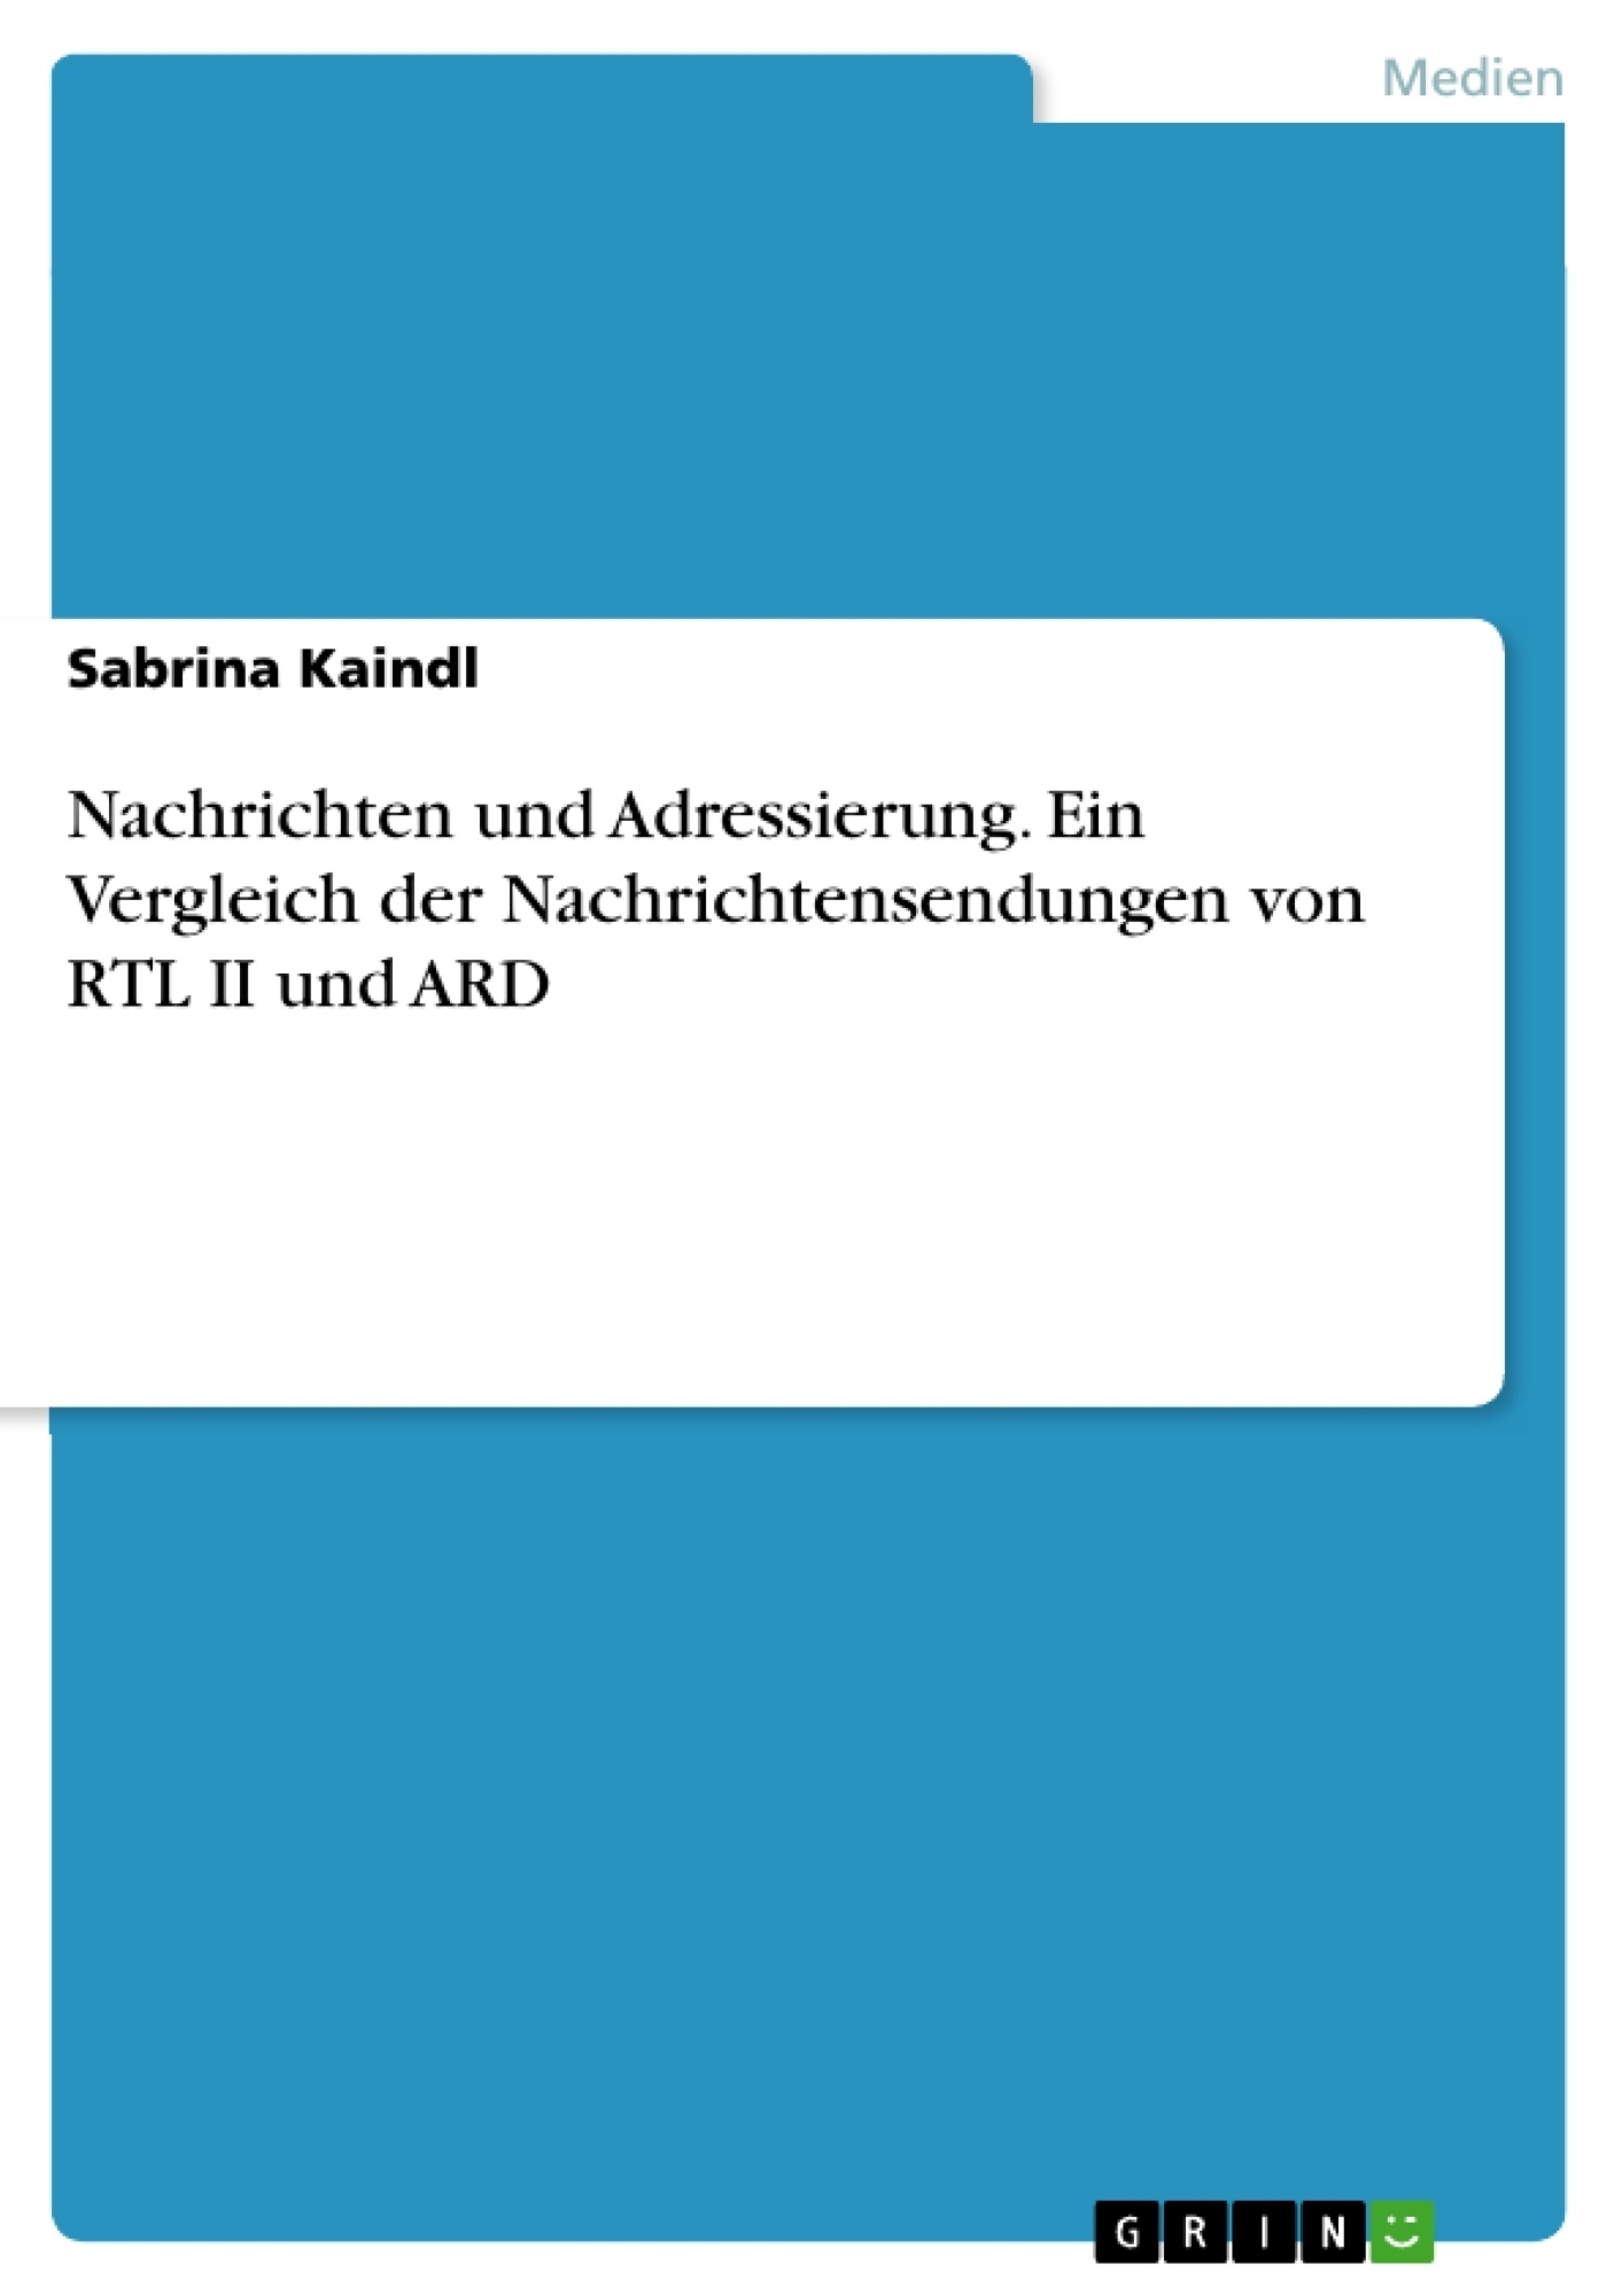 Titel: Nachrichten und Adressierung. Ein Vergleich der Nachrichtensendungen von RTL II und ARD